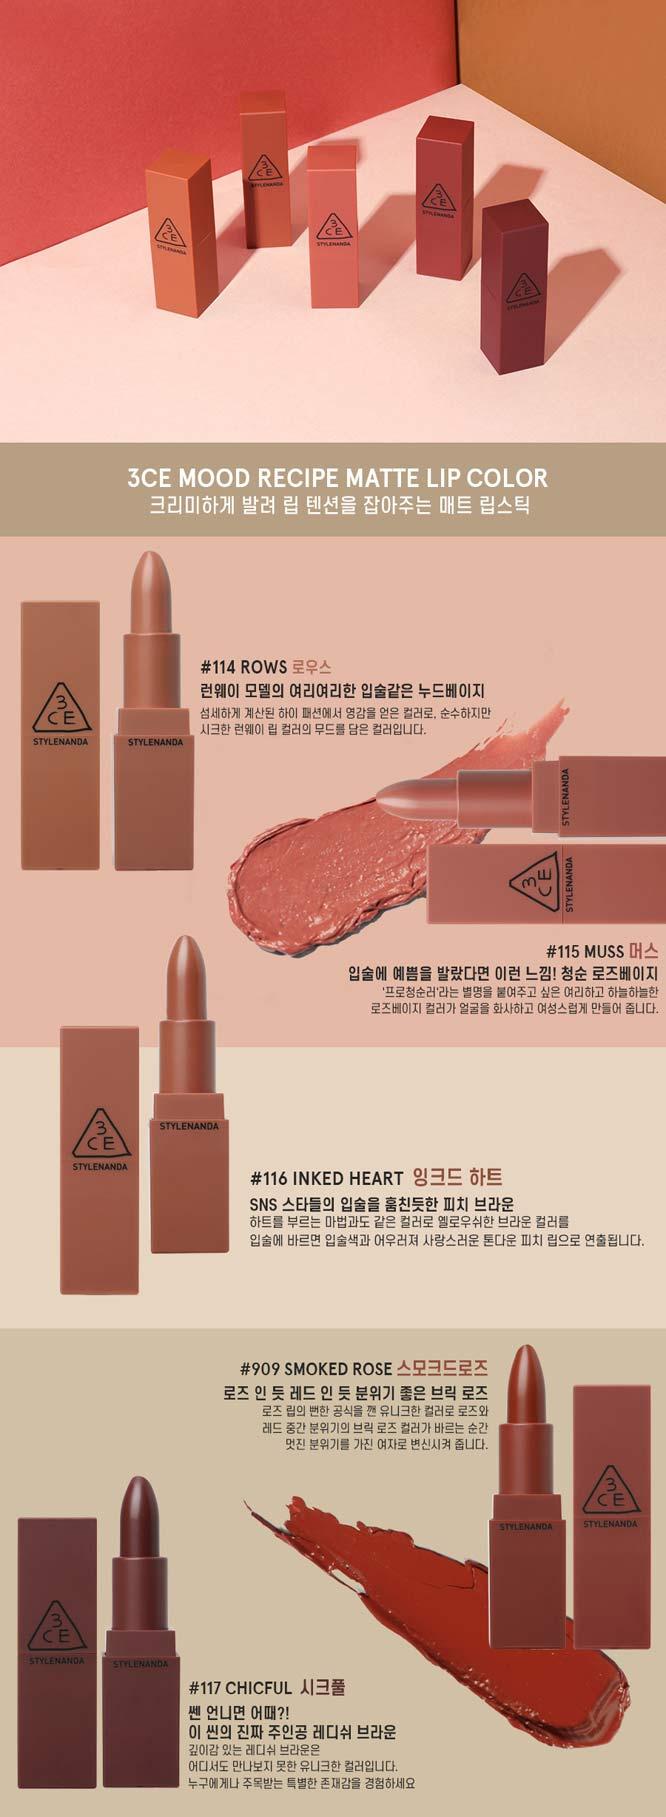 3CE Mood Recipe Matte Lip Color #116_1